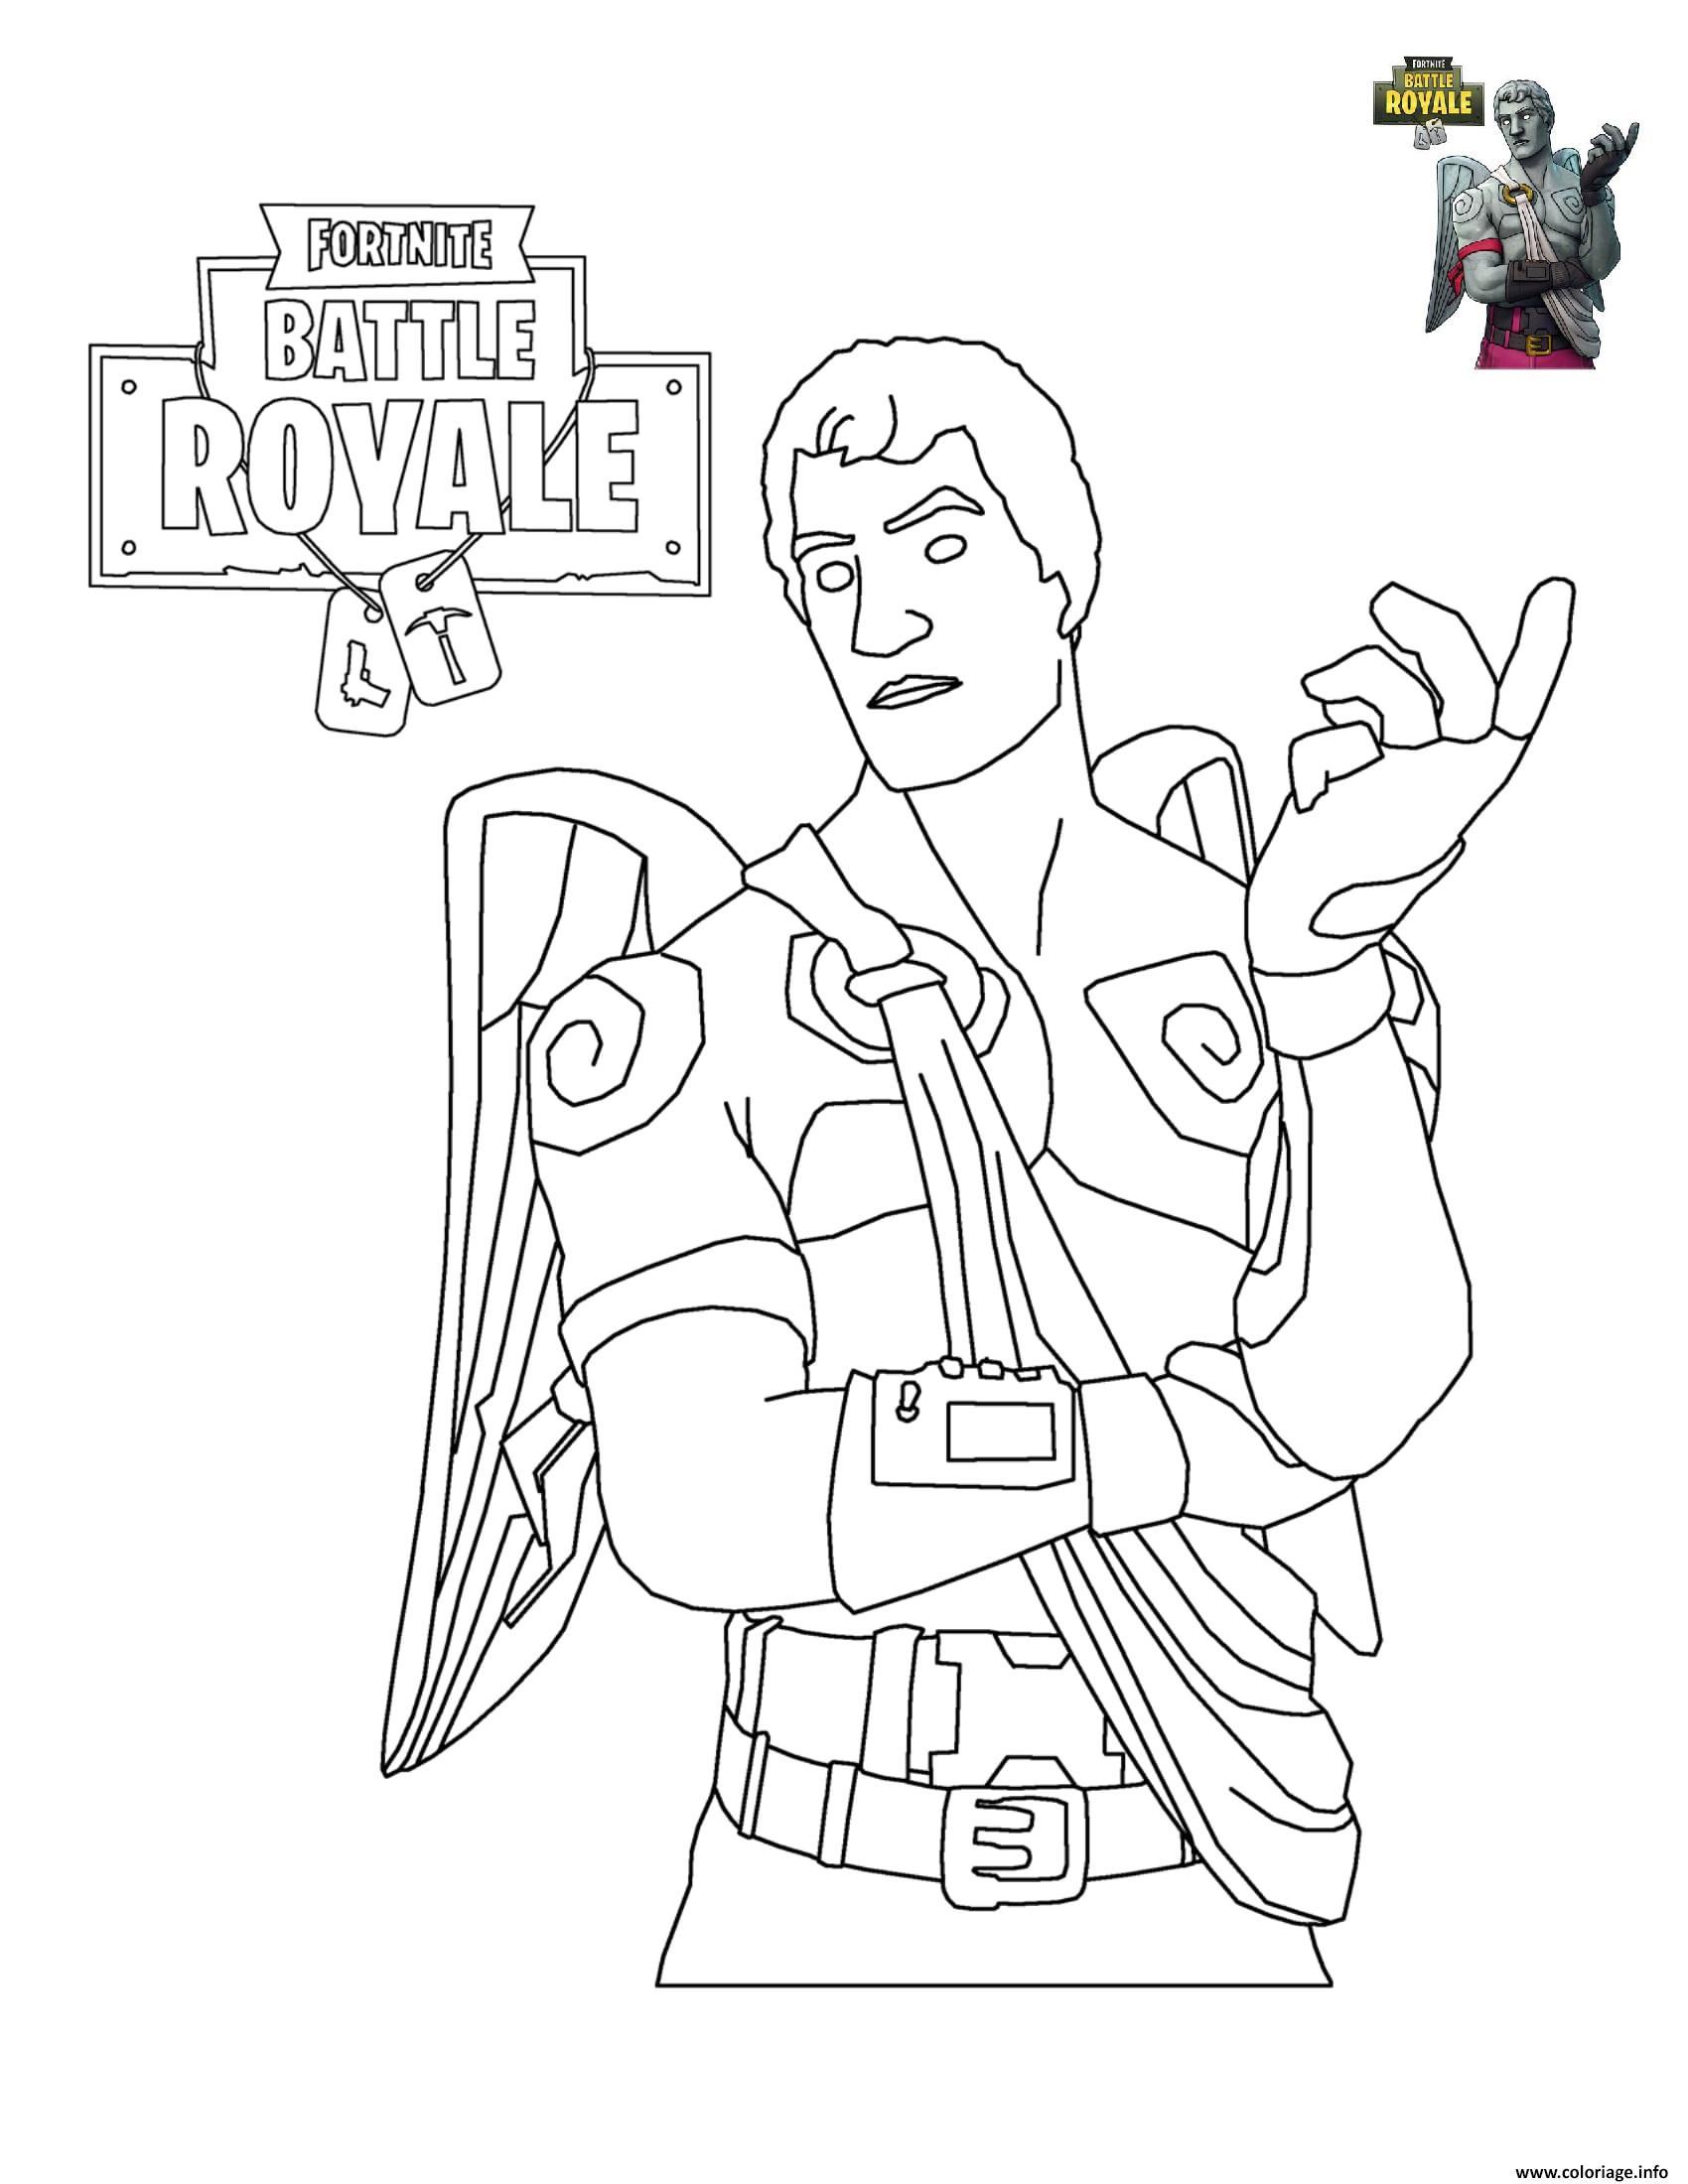 Coloriage Fortnite Battle Royale Personnage 6 Dessin destiné Personnage À Colorier